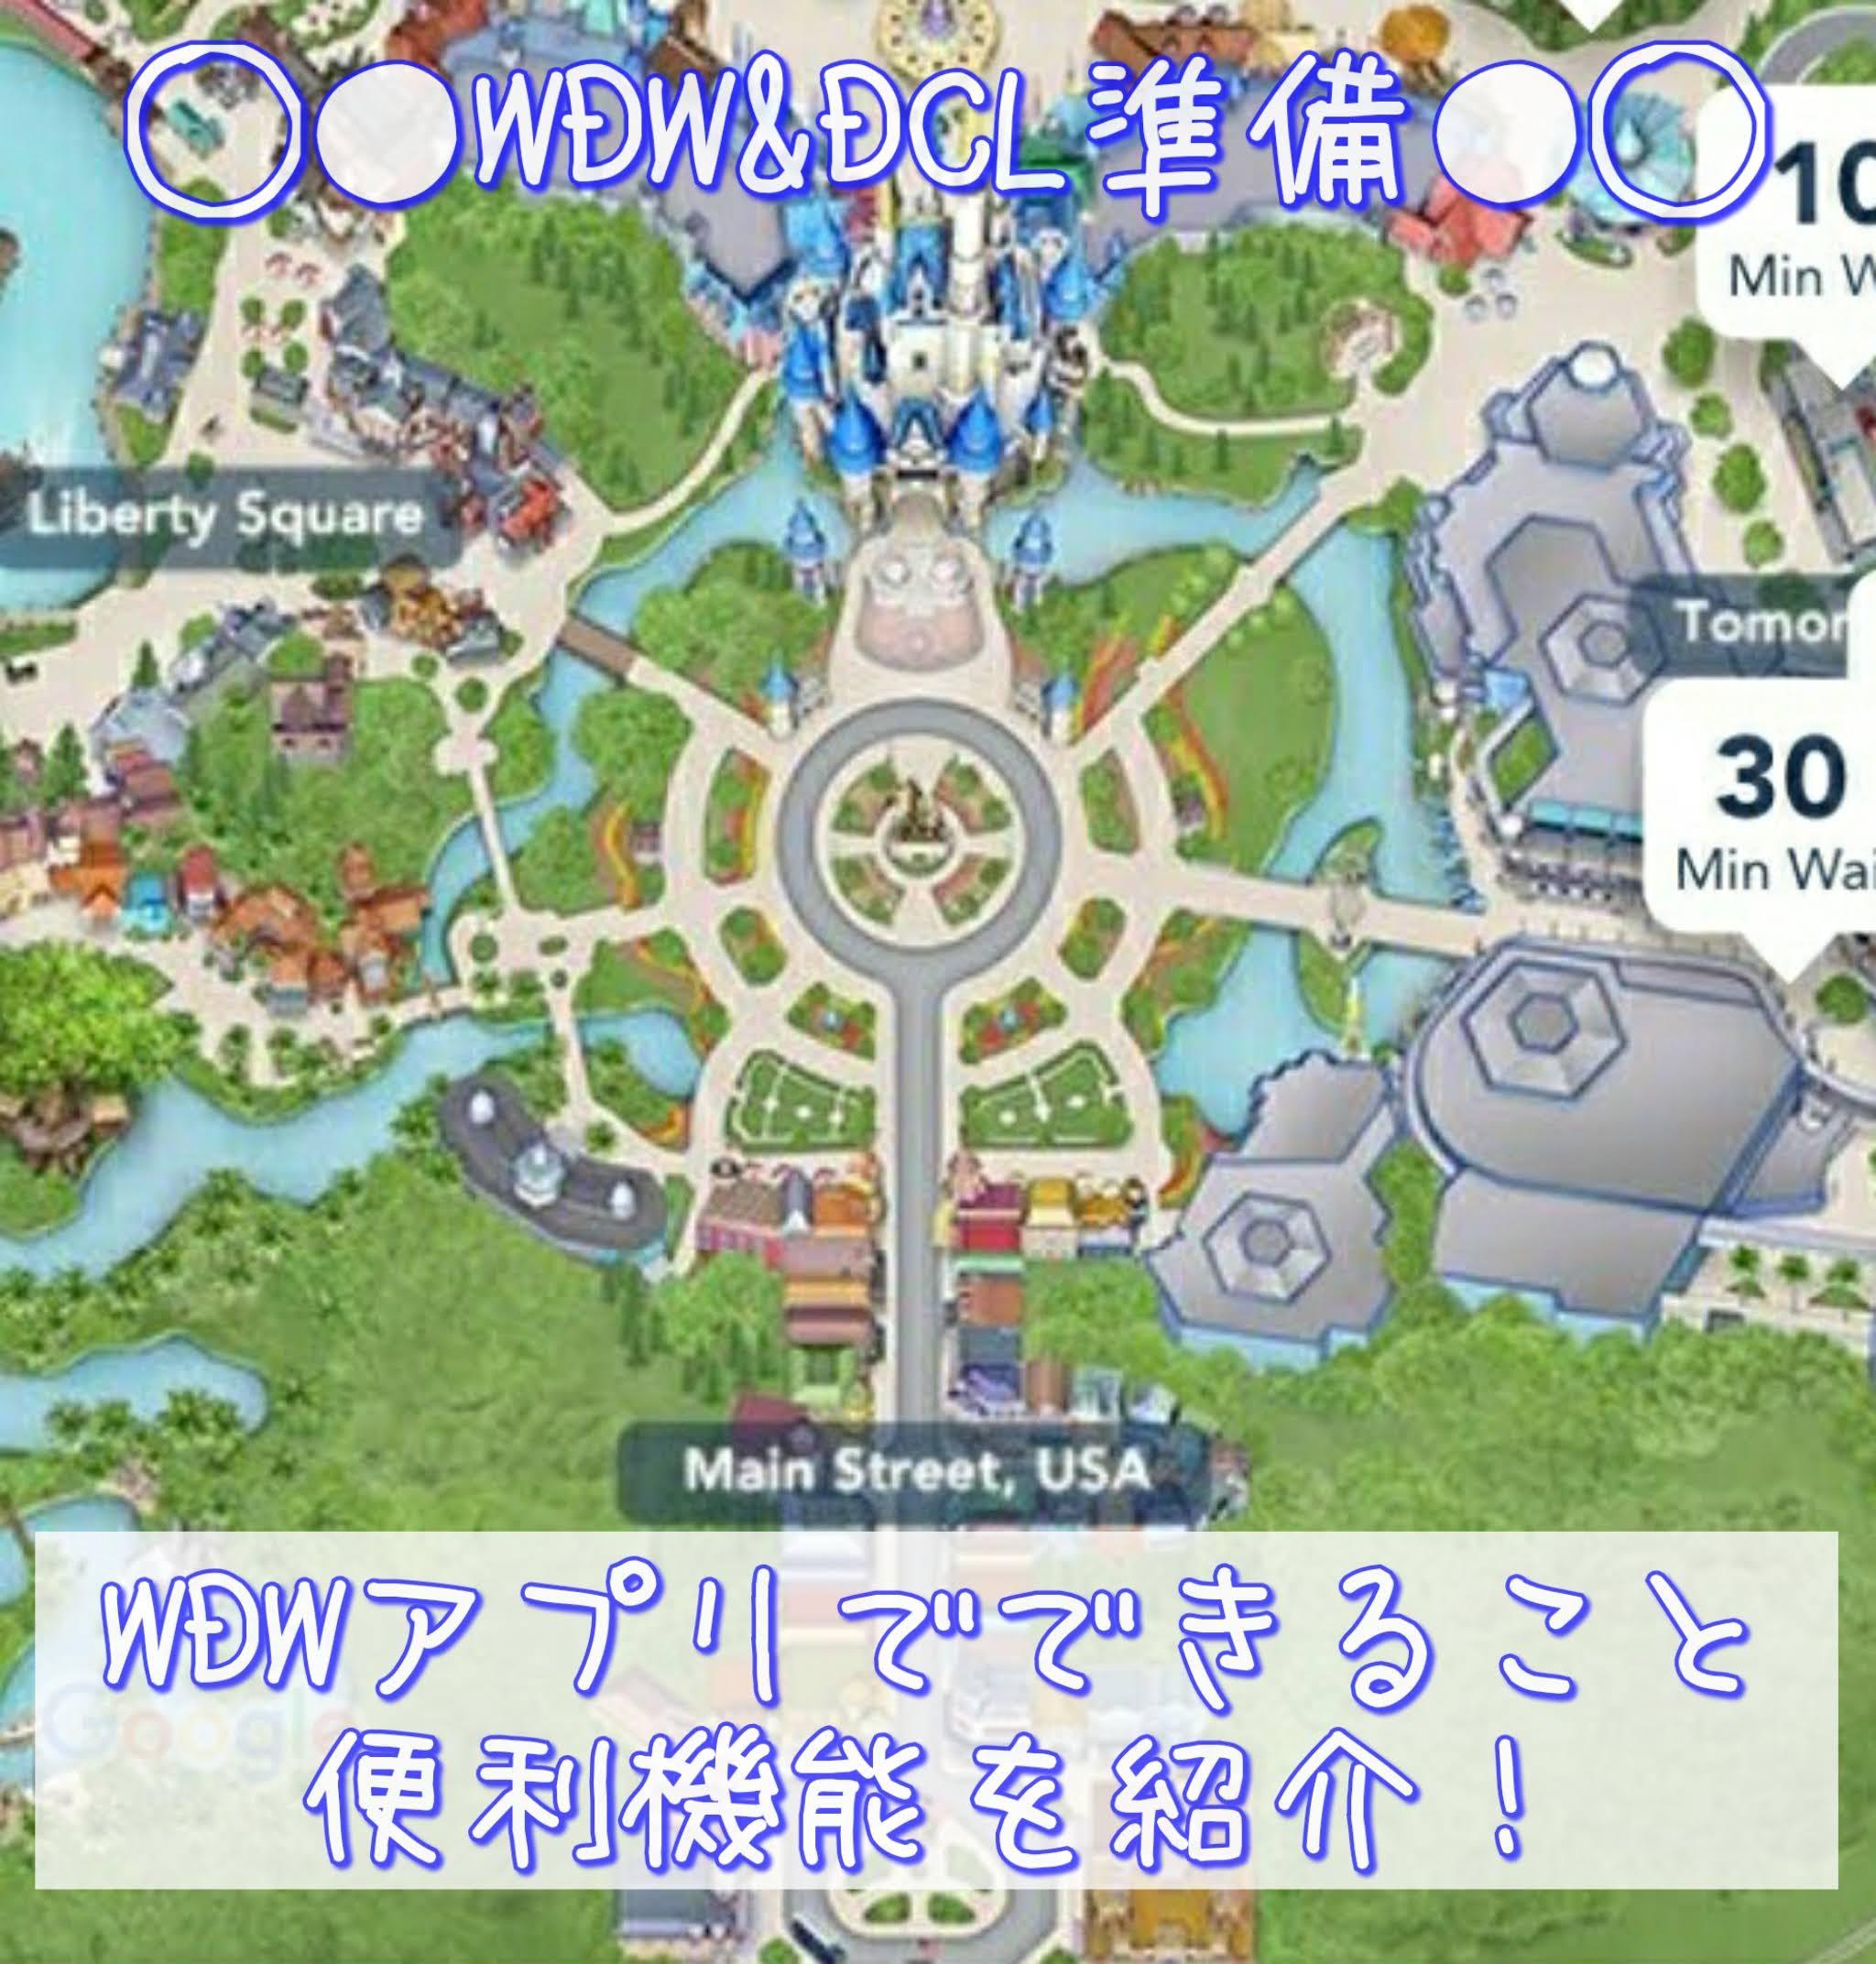 WDWアプリ「My Disney Experience」でできること・実際に利用した便利機能を紹介!